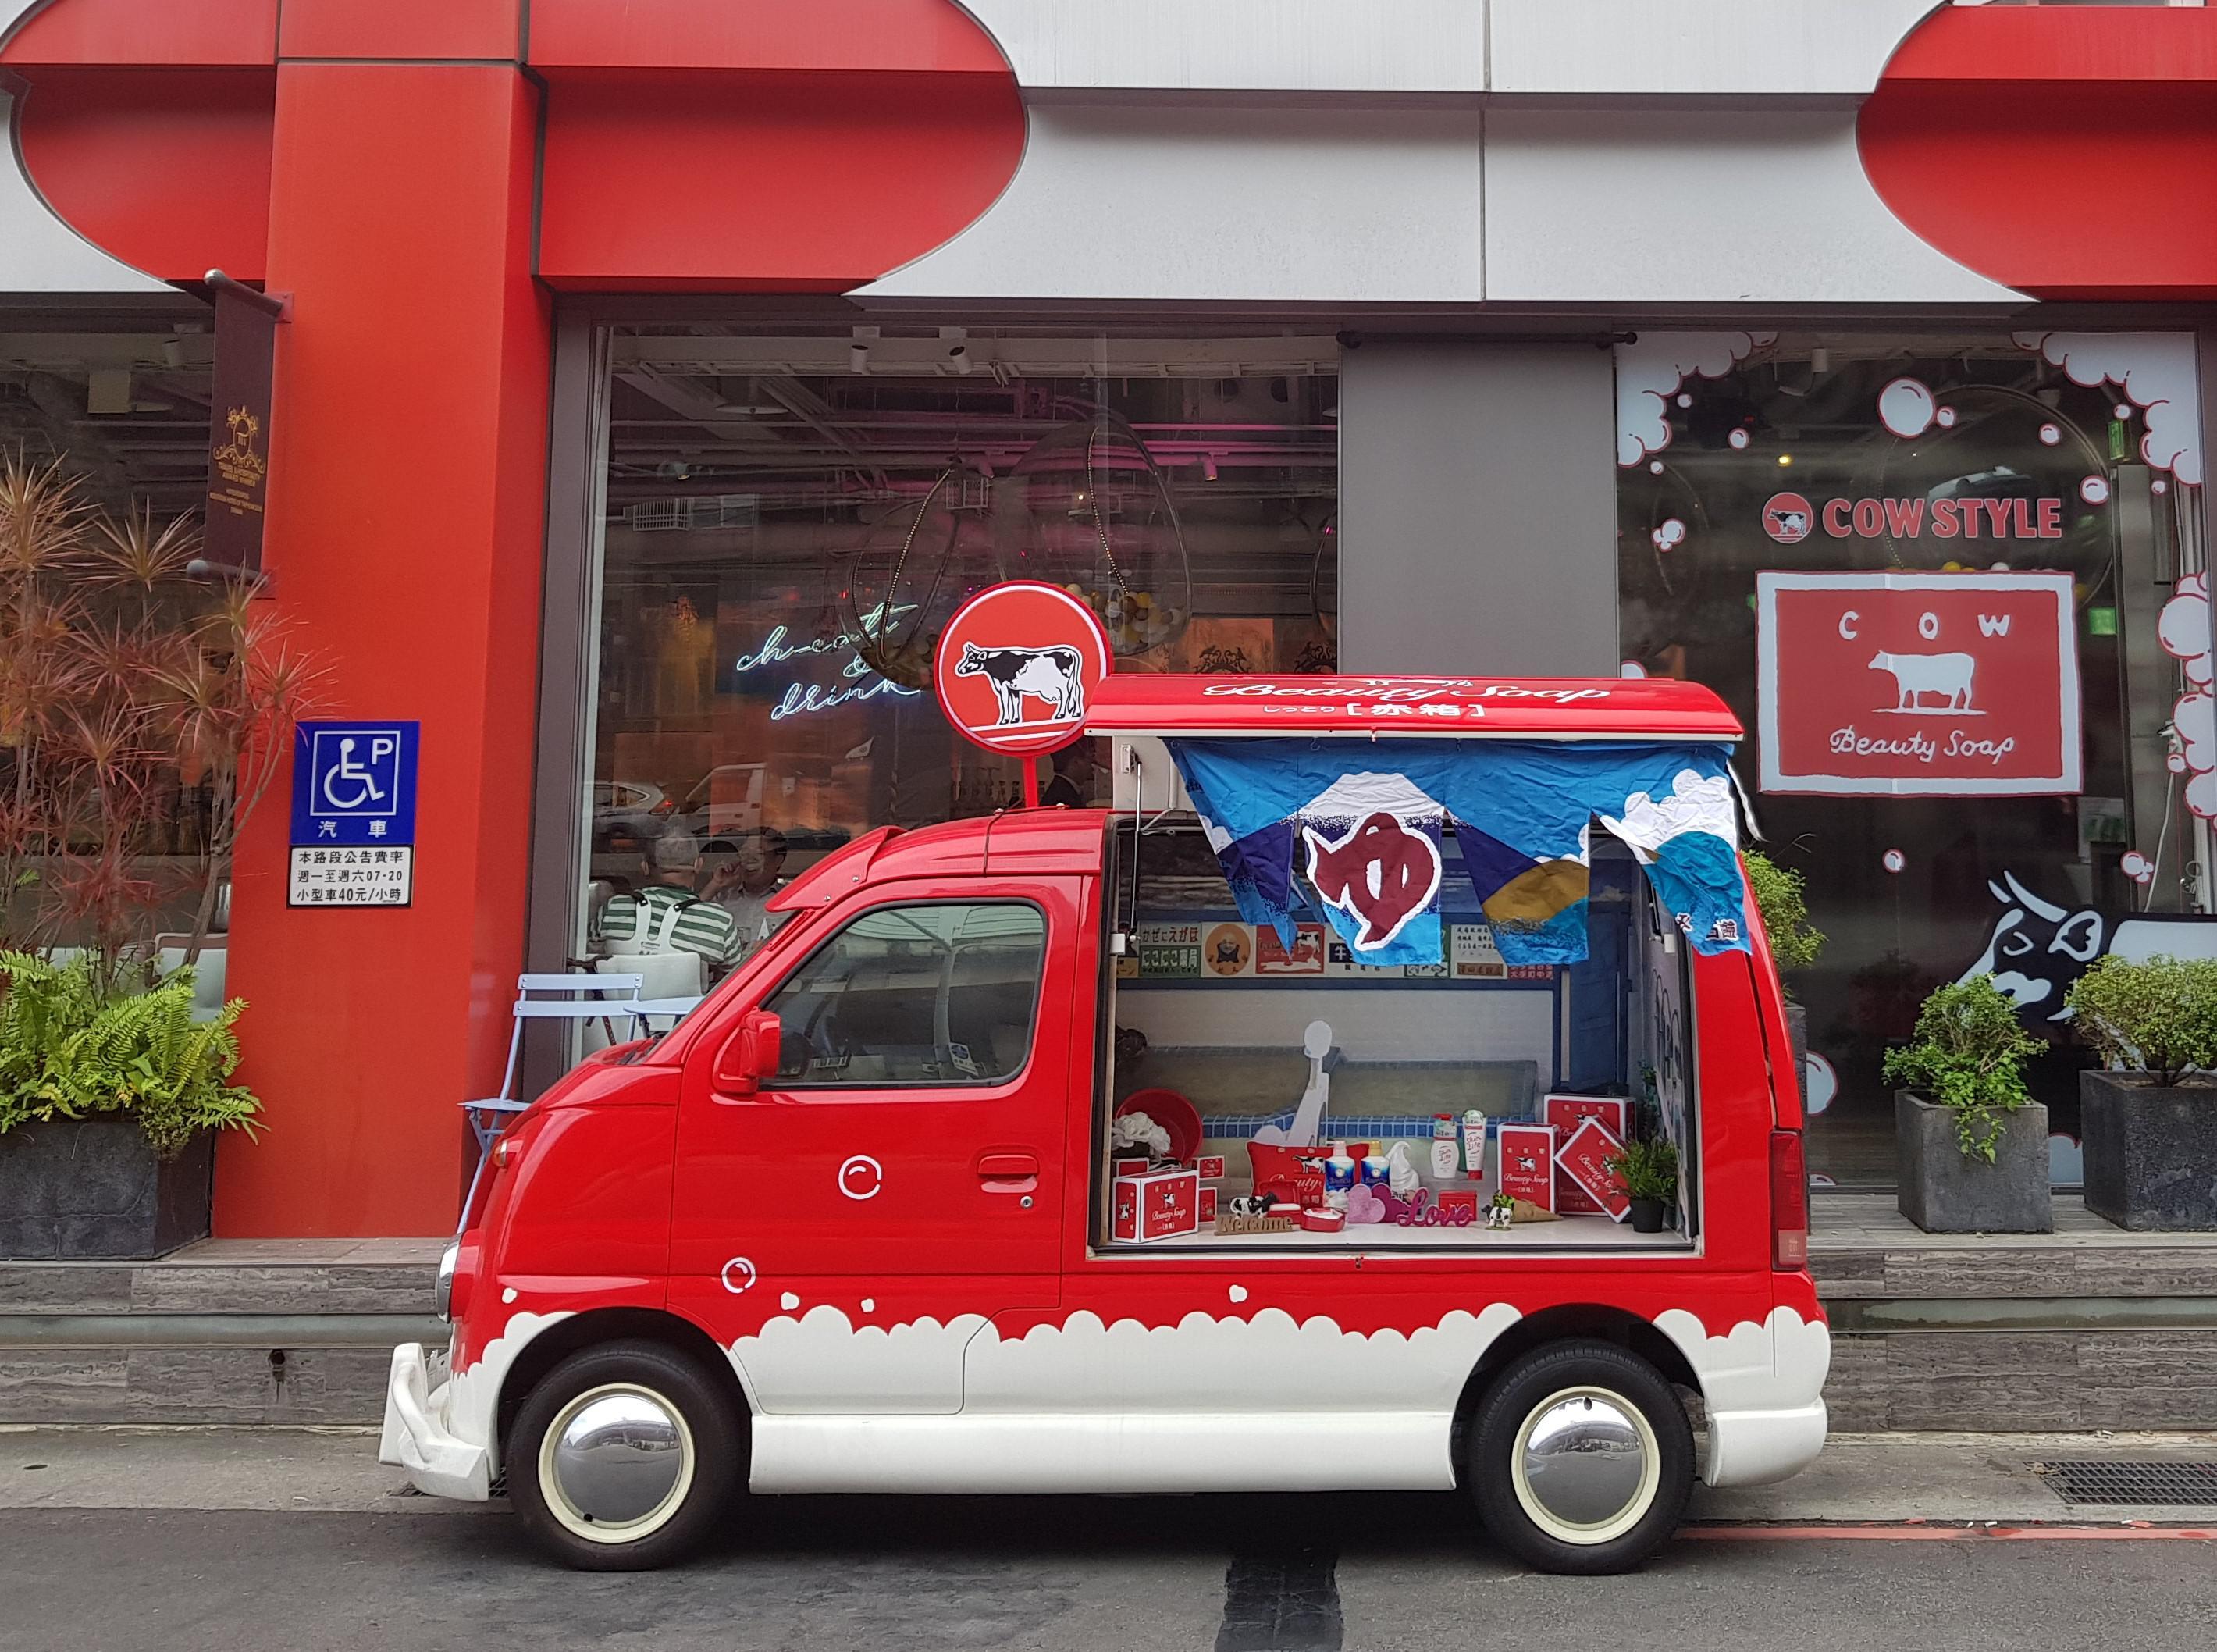 =日本香皂界天后,來到台灣過耶誕! 【牛乳石鹼】「紅盒牛牛車」進駐2020新北耶誕城 11月13-15、12月11-13現身捷運「板橋站1A號出口」 打卡拍照、上